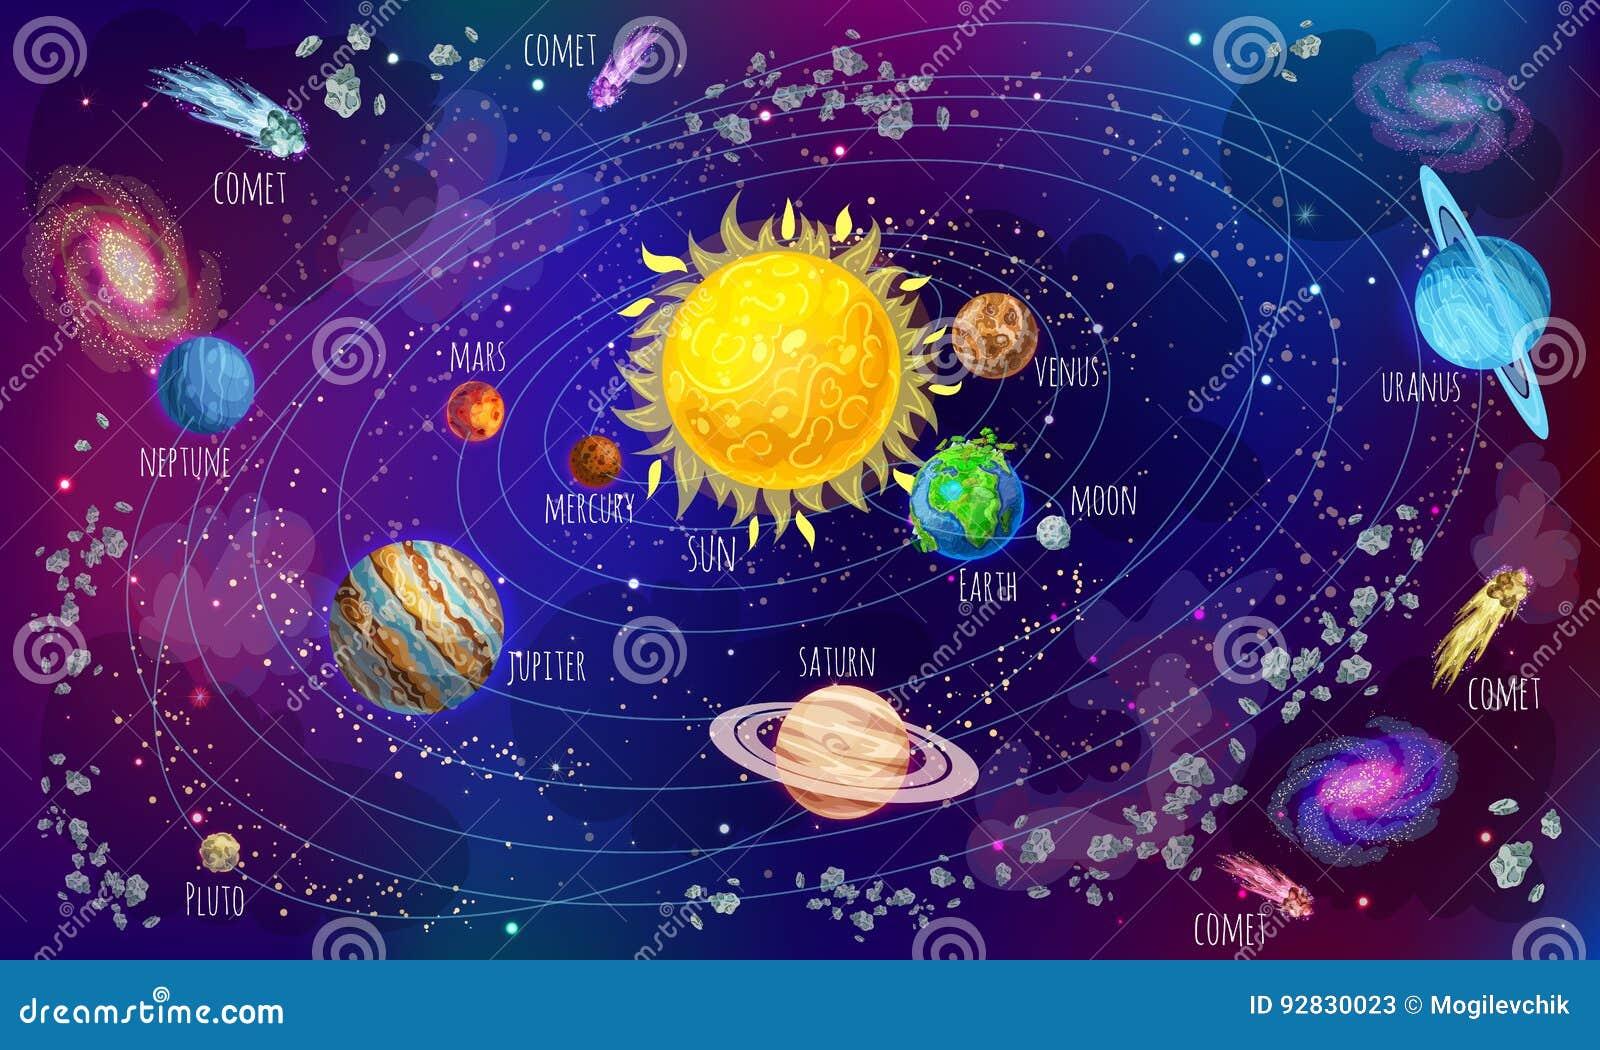 Επιστημονική έννοια ηλιακών συστημάτων κινούμενων σχεδίων